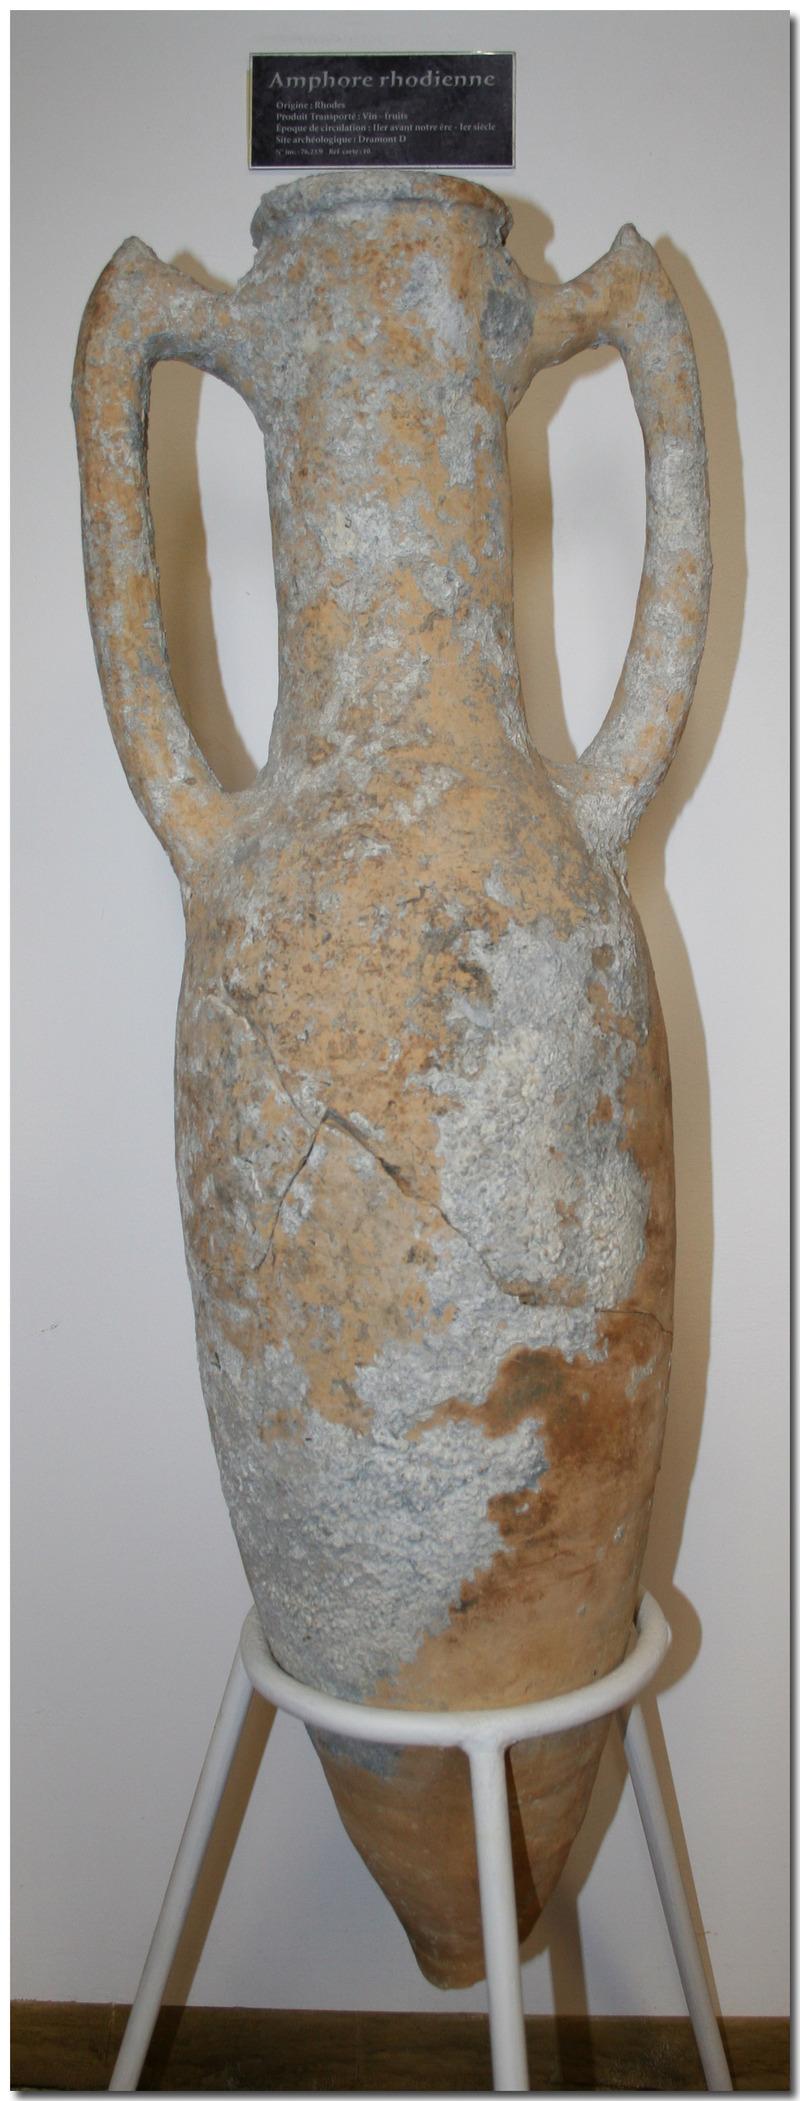 Amphora Rhodes